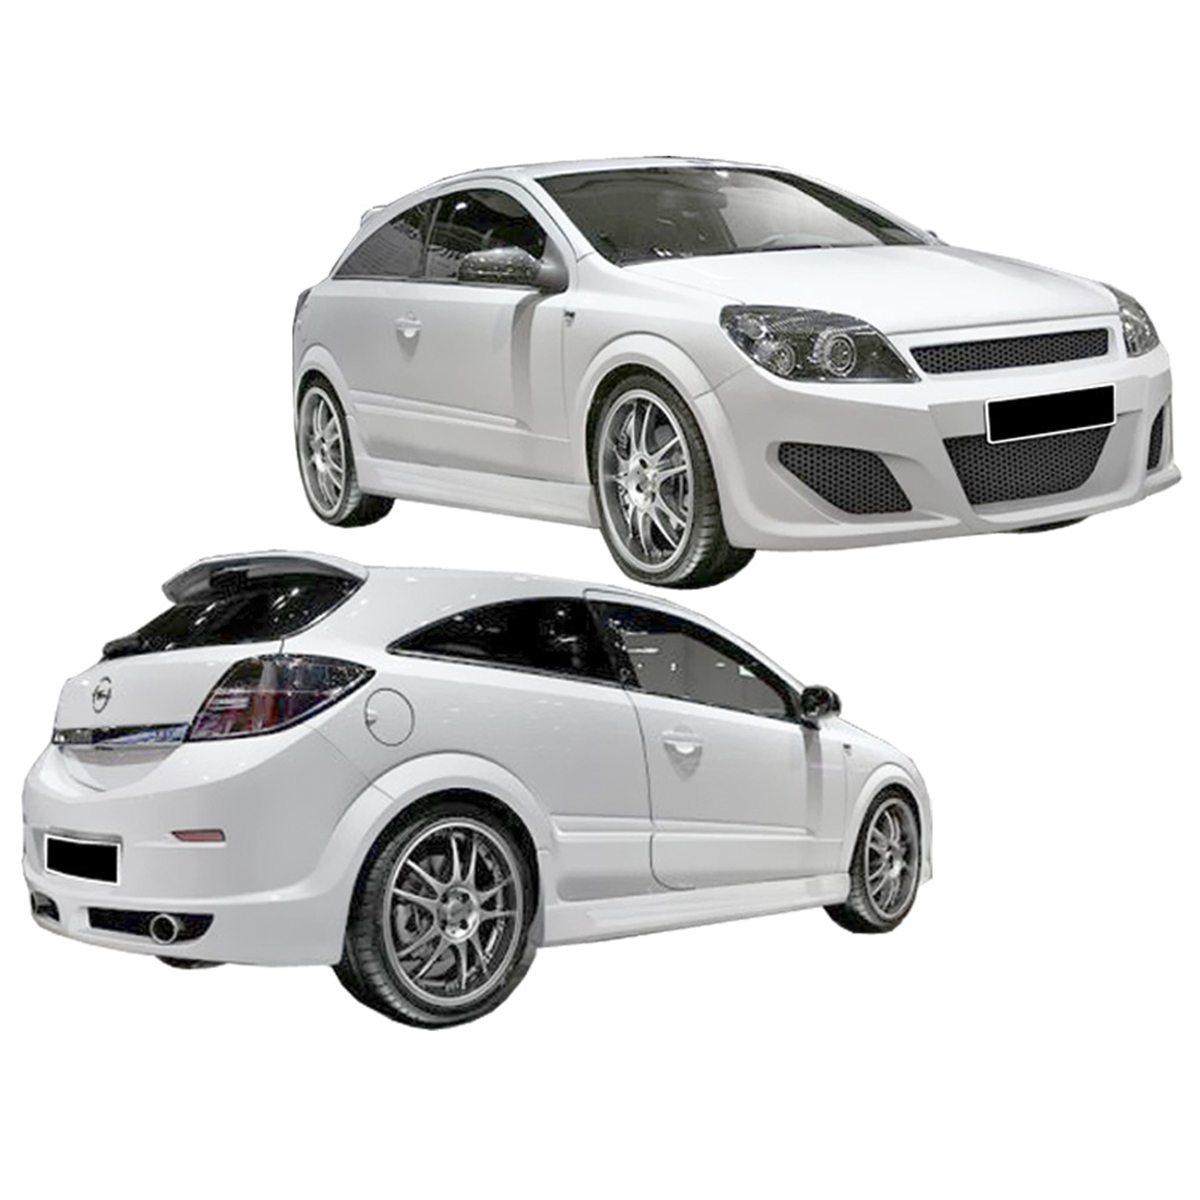 Opel-Astra-H-Punisher-S-F-STAR-KIT-KTS066